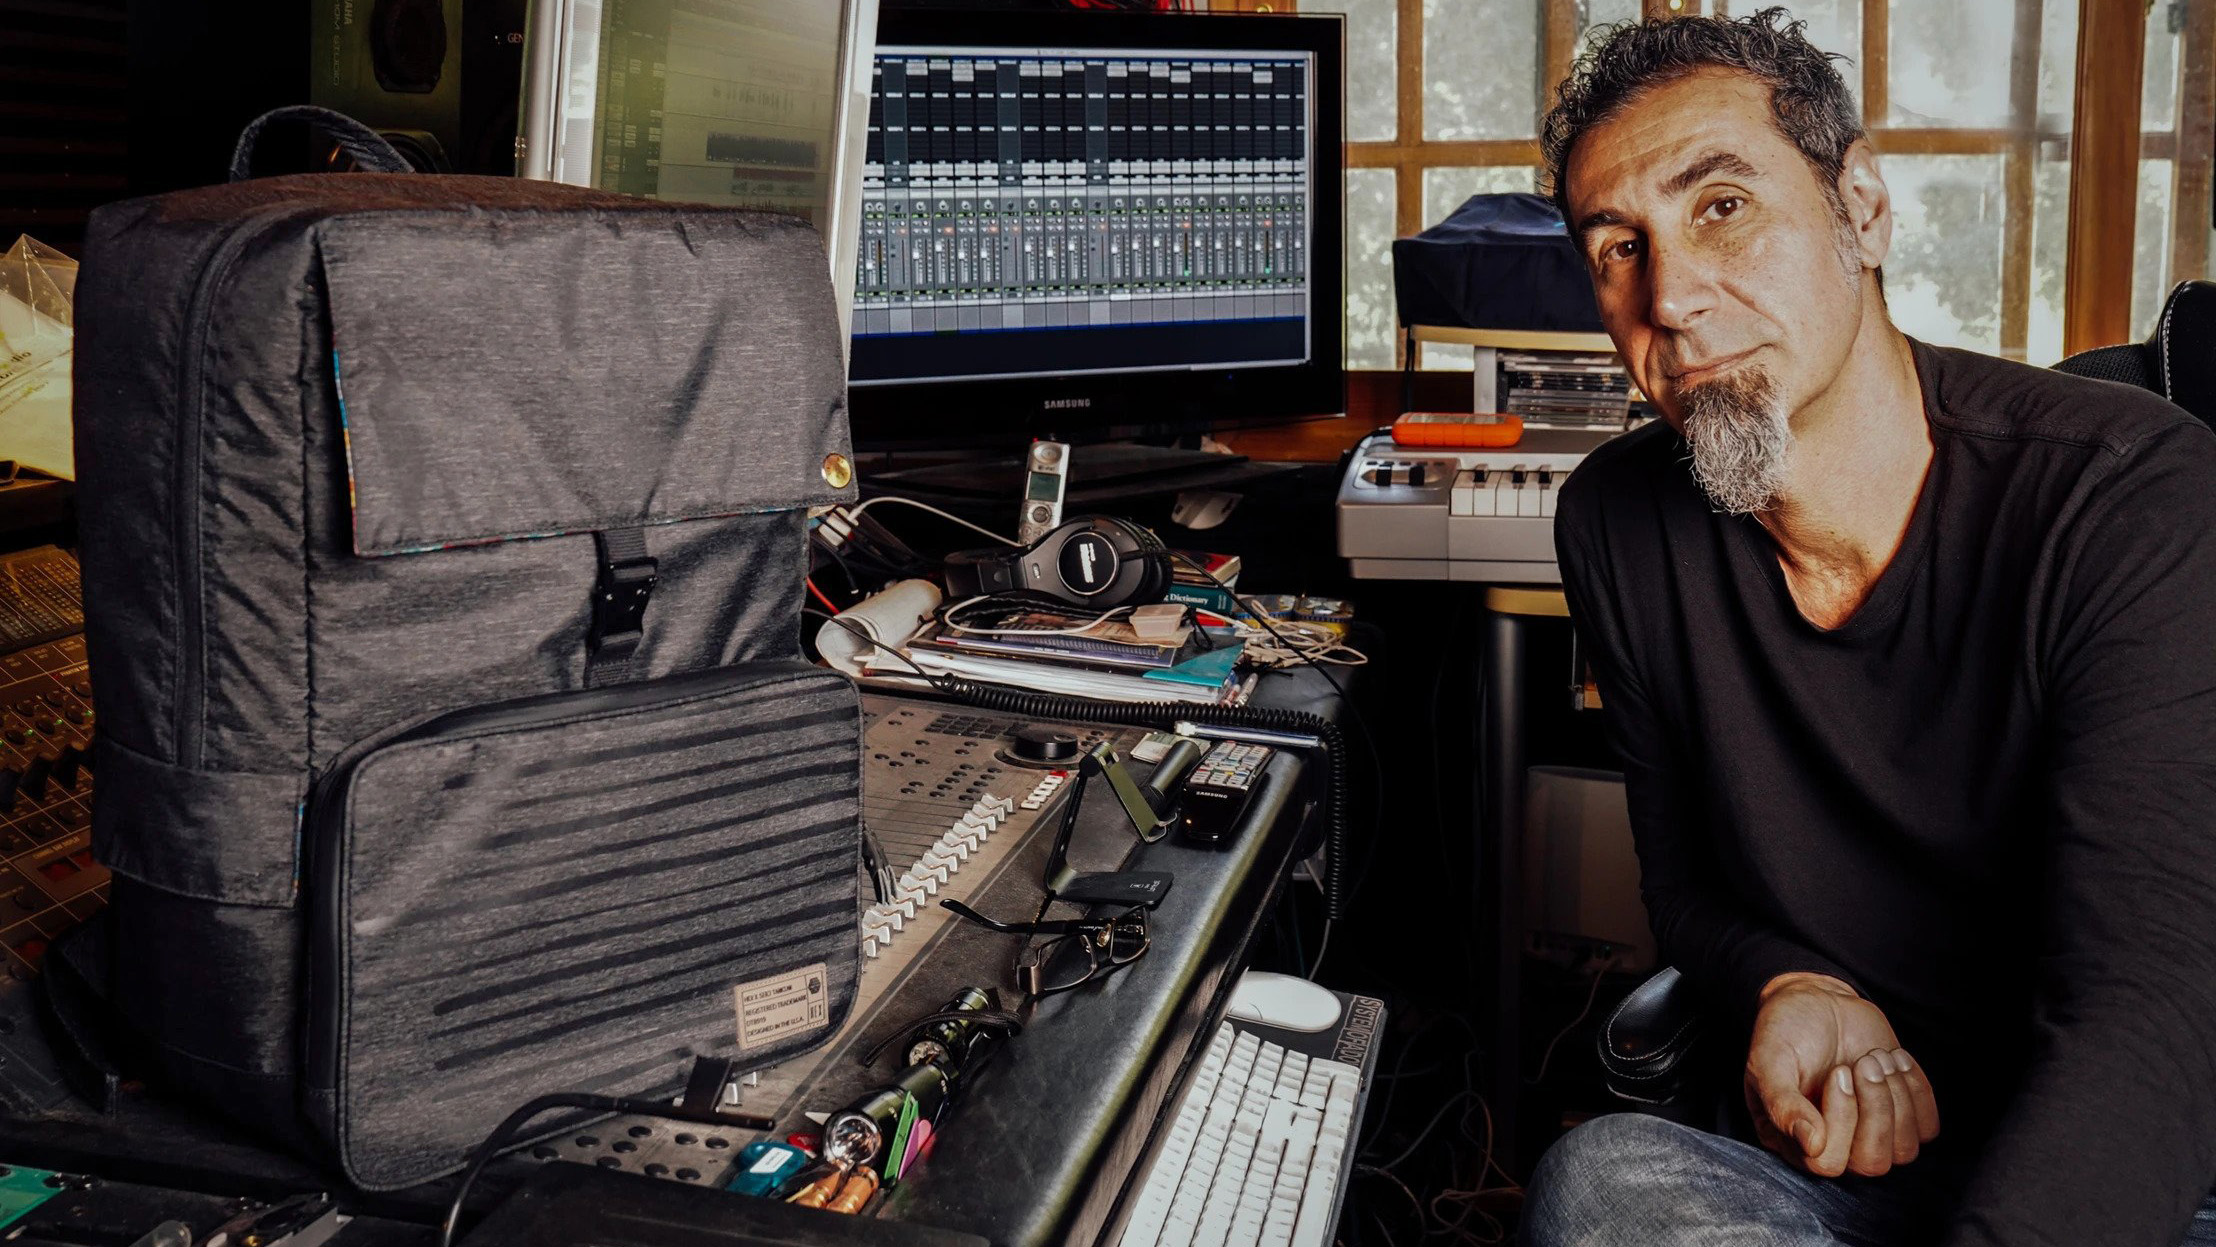 HEX x Serj Tankian